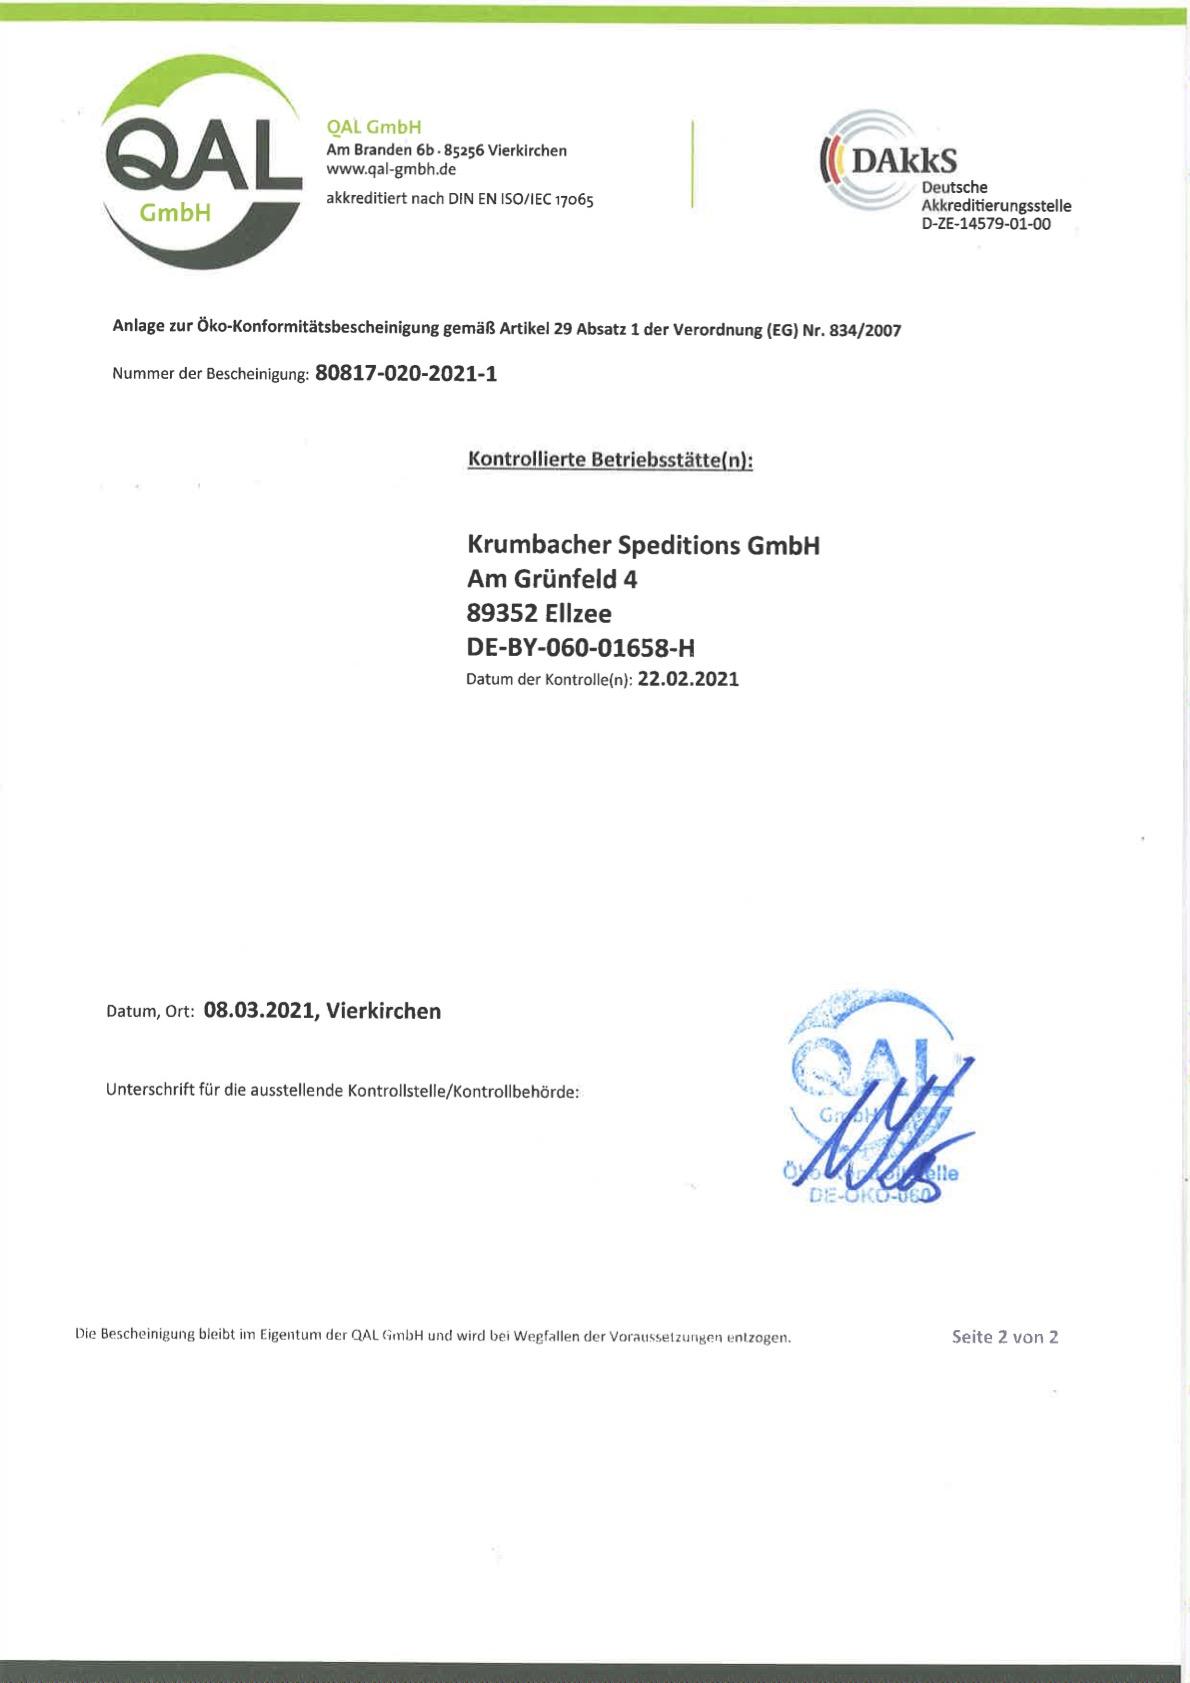 bescheinigung-vo-eg-nr.-834_2007-2021-ellzee_2